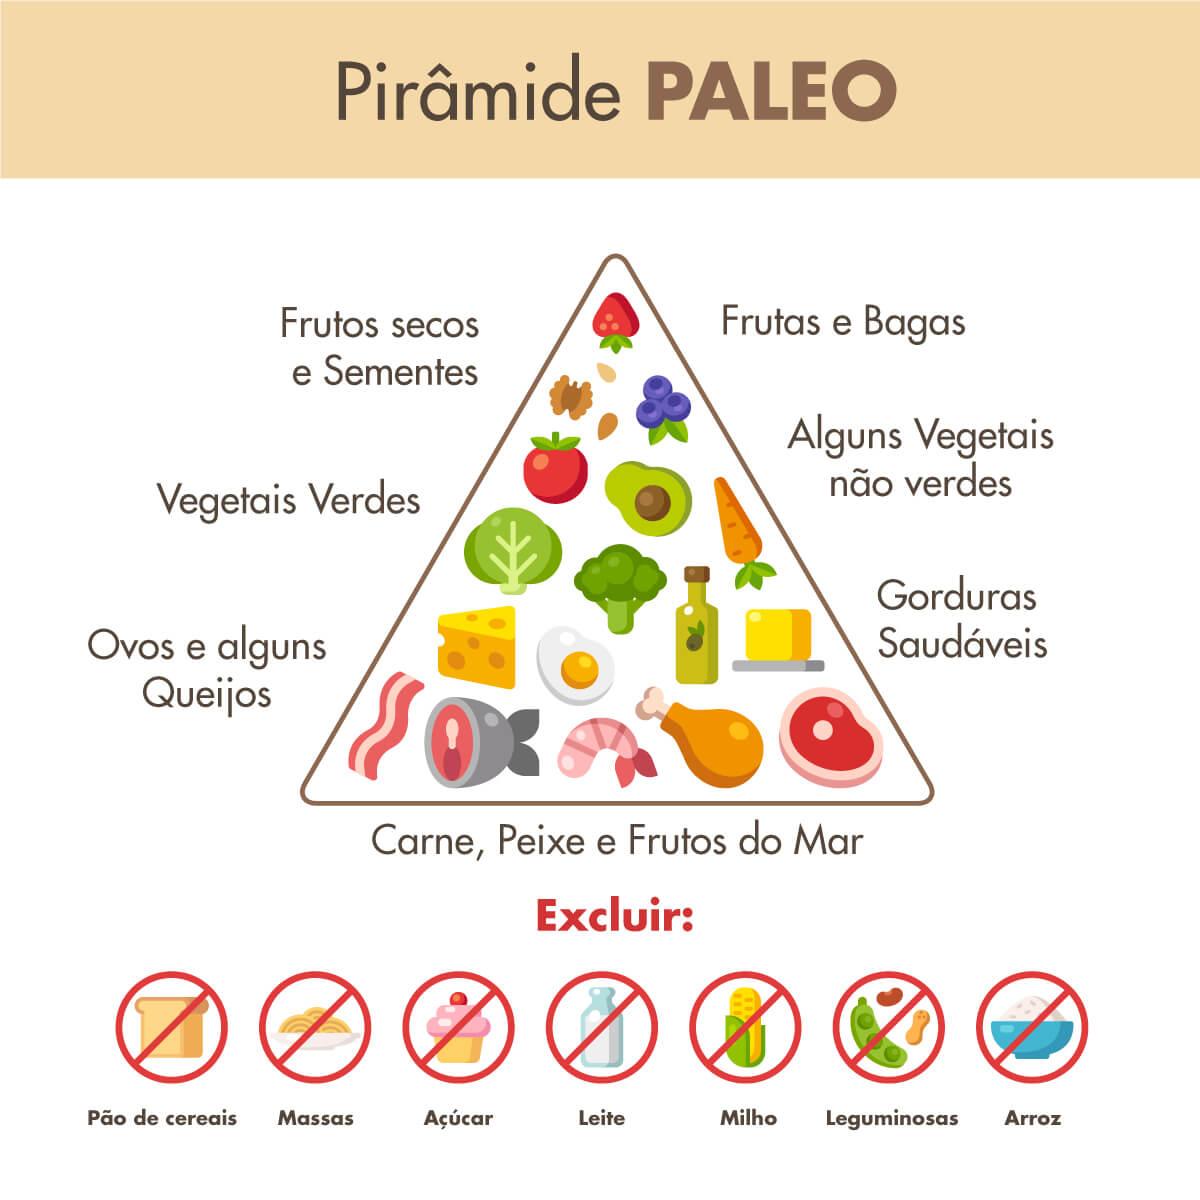 Dieta Paleo: o regresso a uma alimentação mais natural